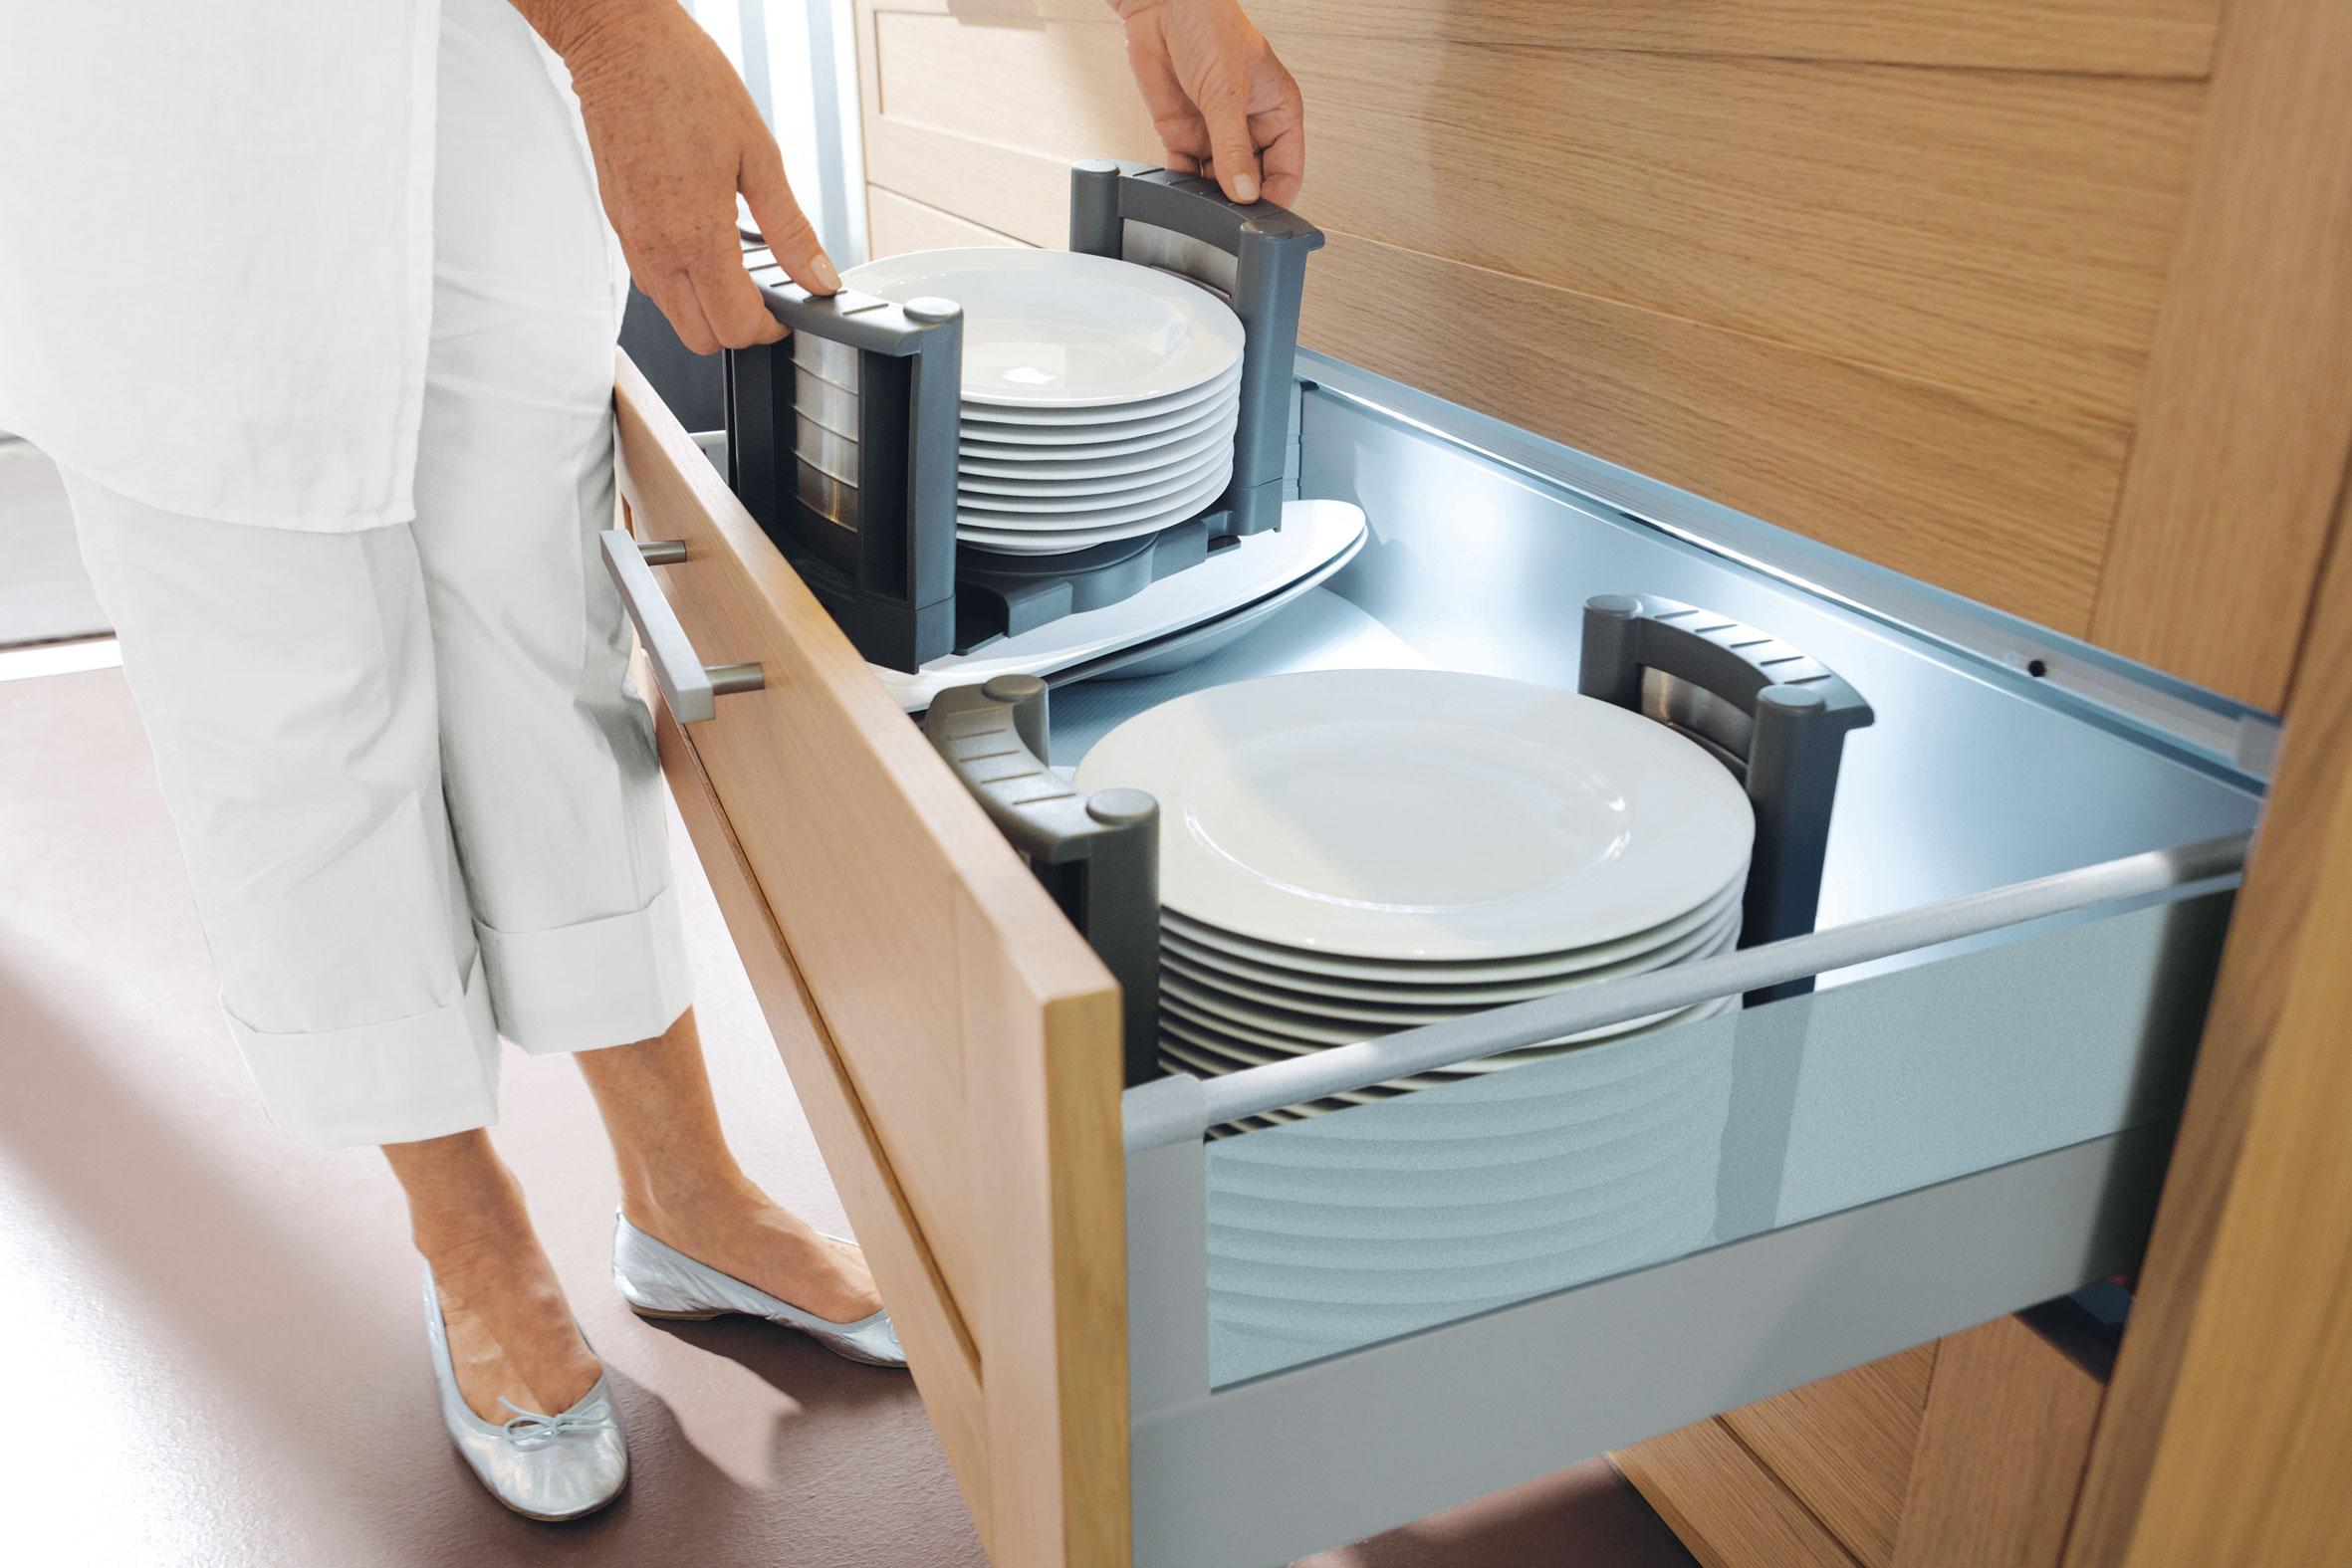 Cuisine bois photos de cuisines en bois 5 photo de for Cuisine complete en bois